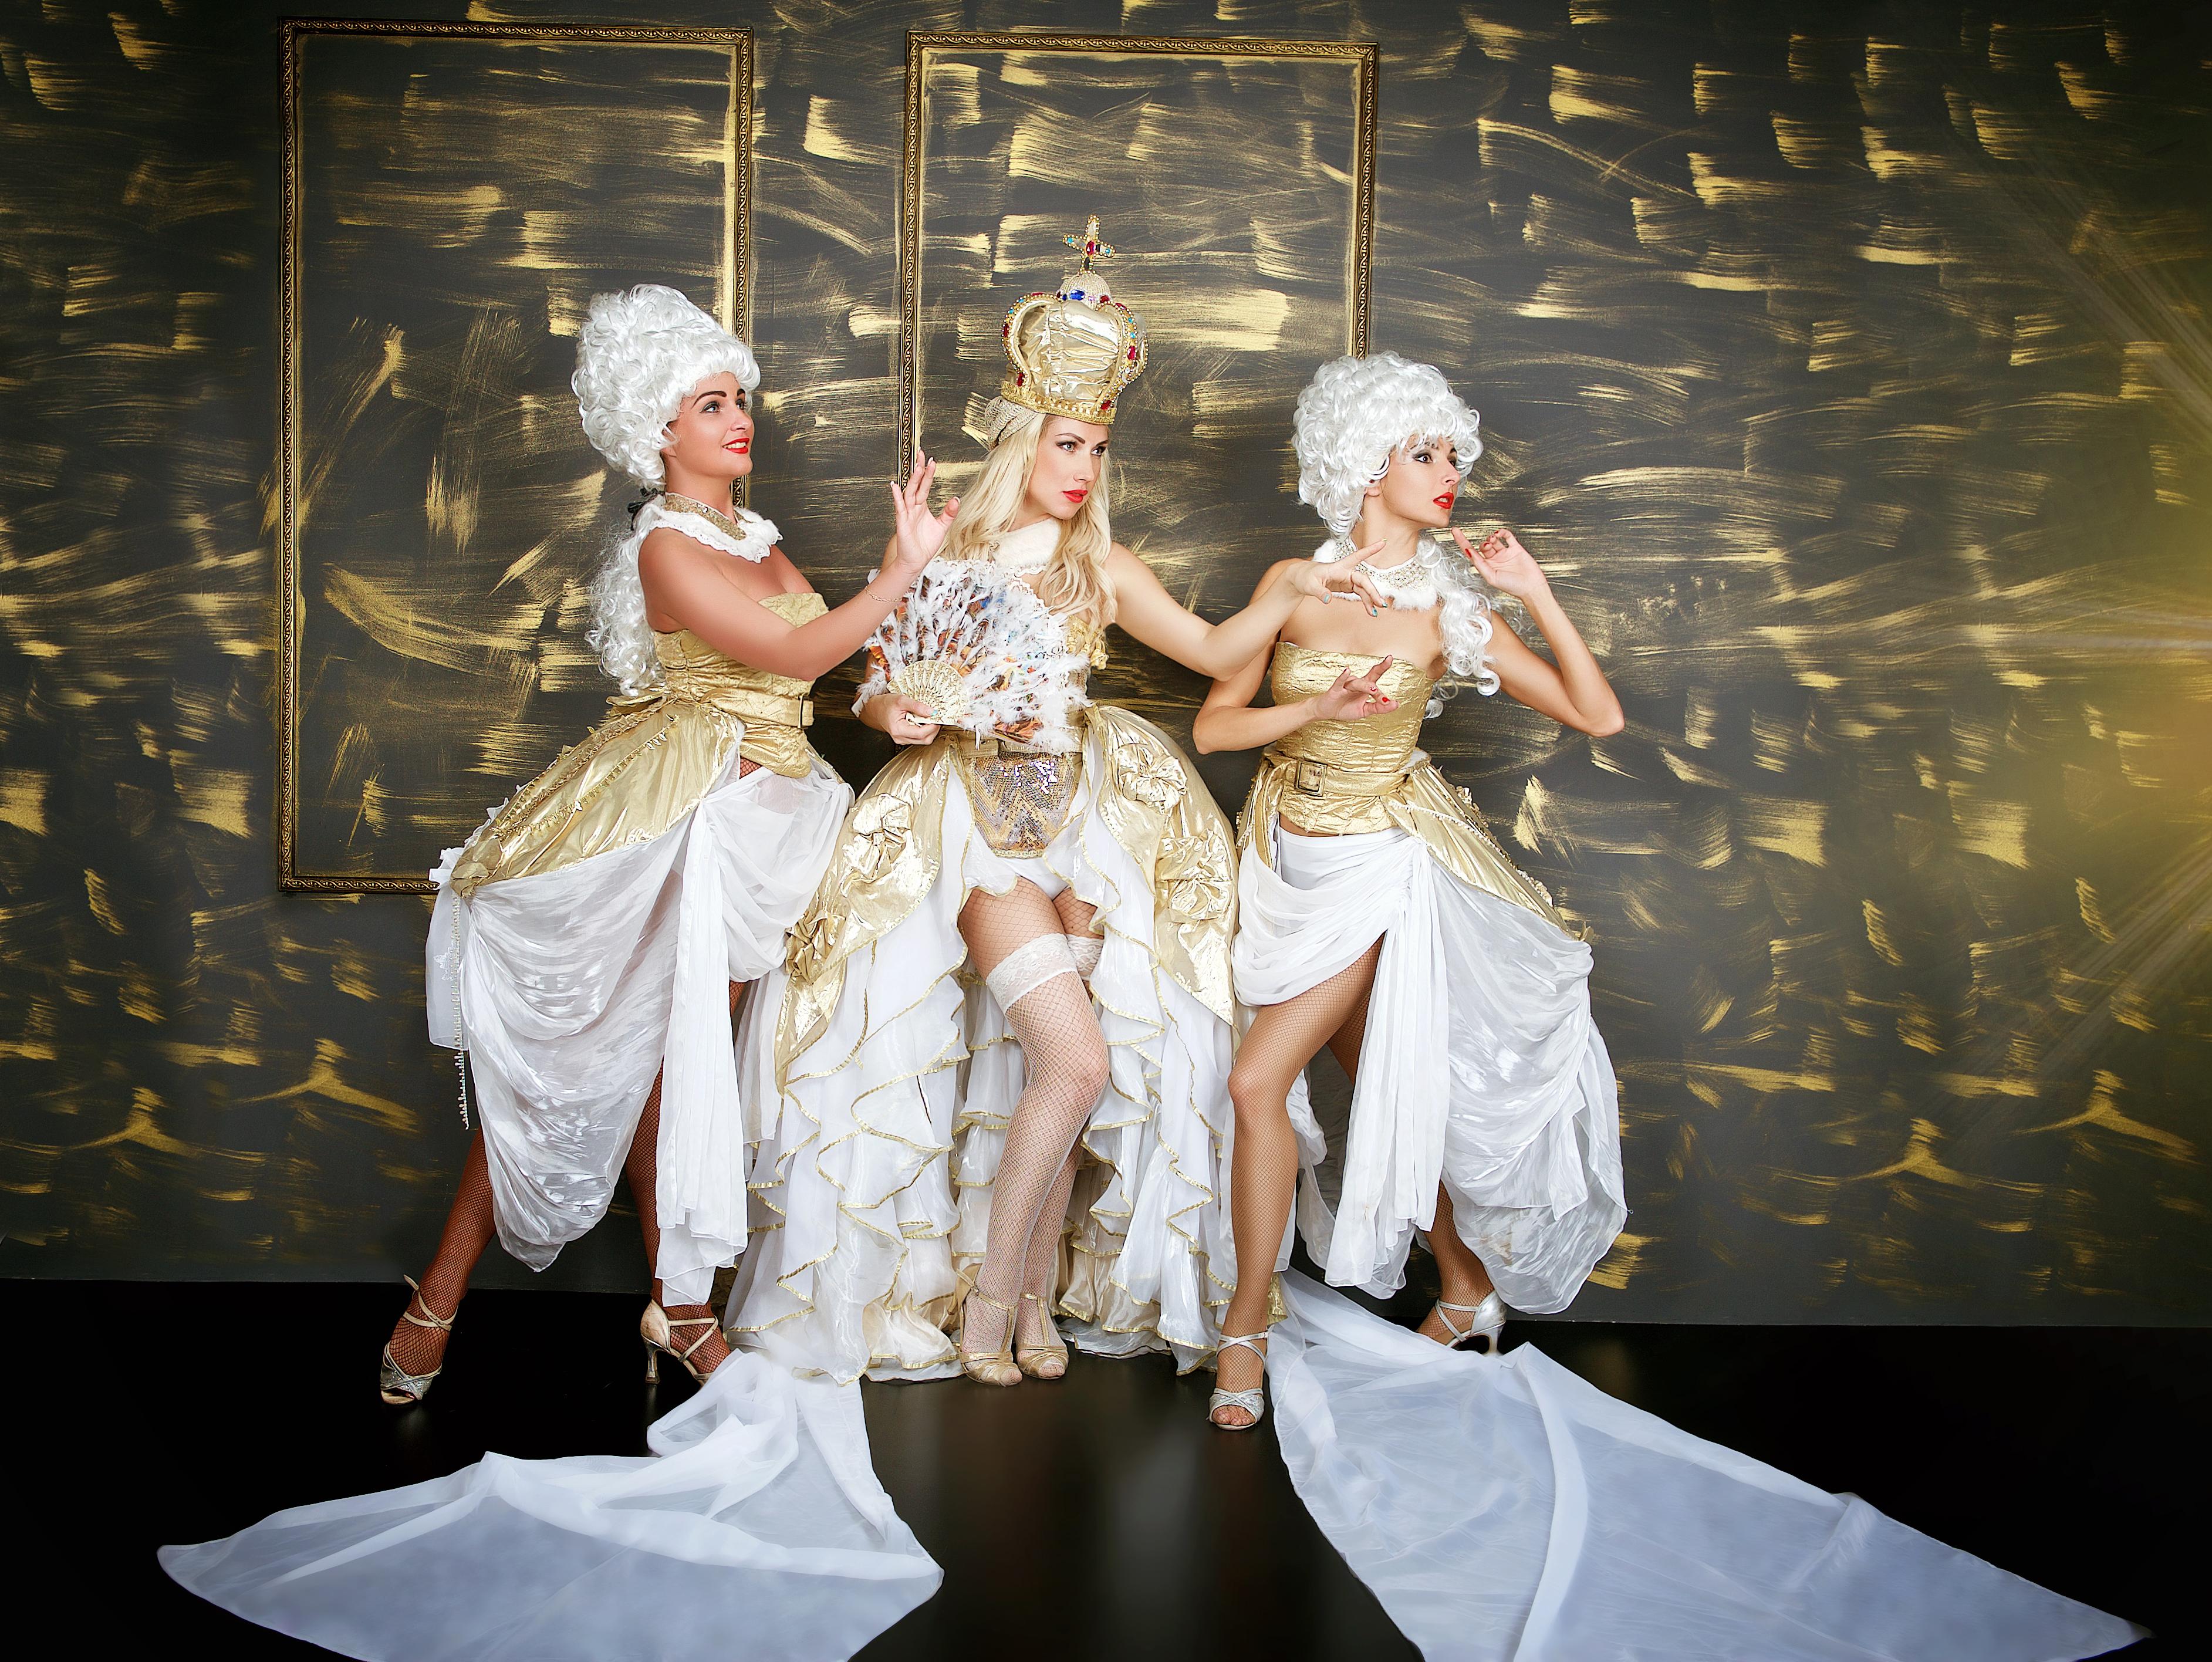 шоу-балет селебрити в калининграде - 17